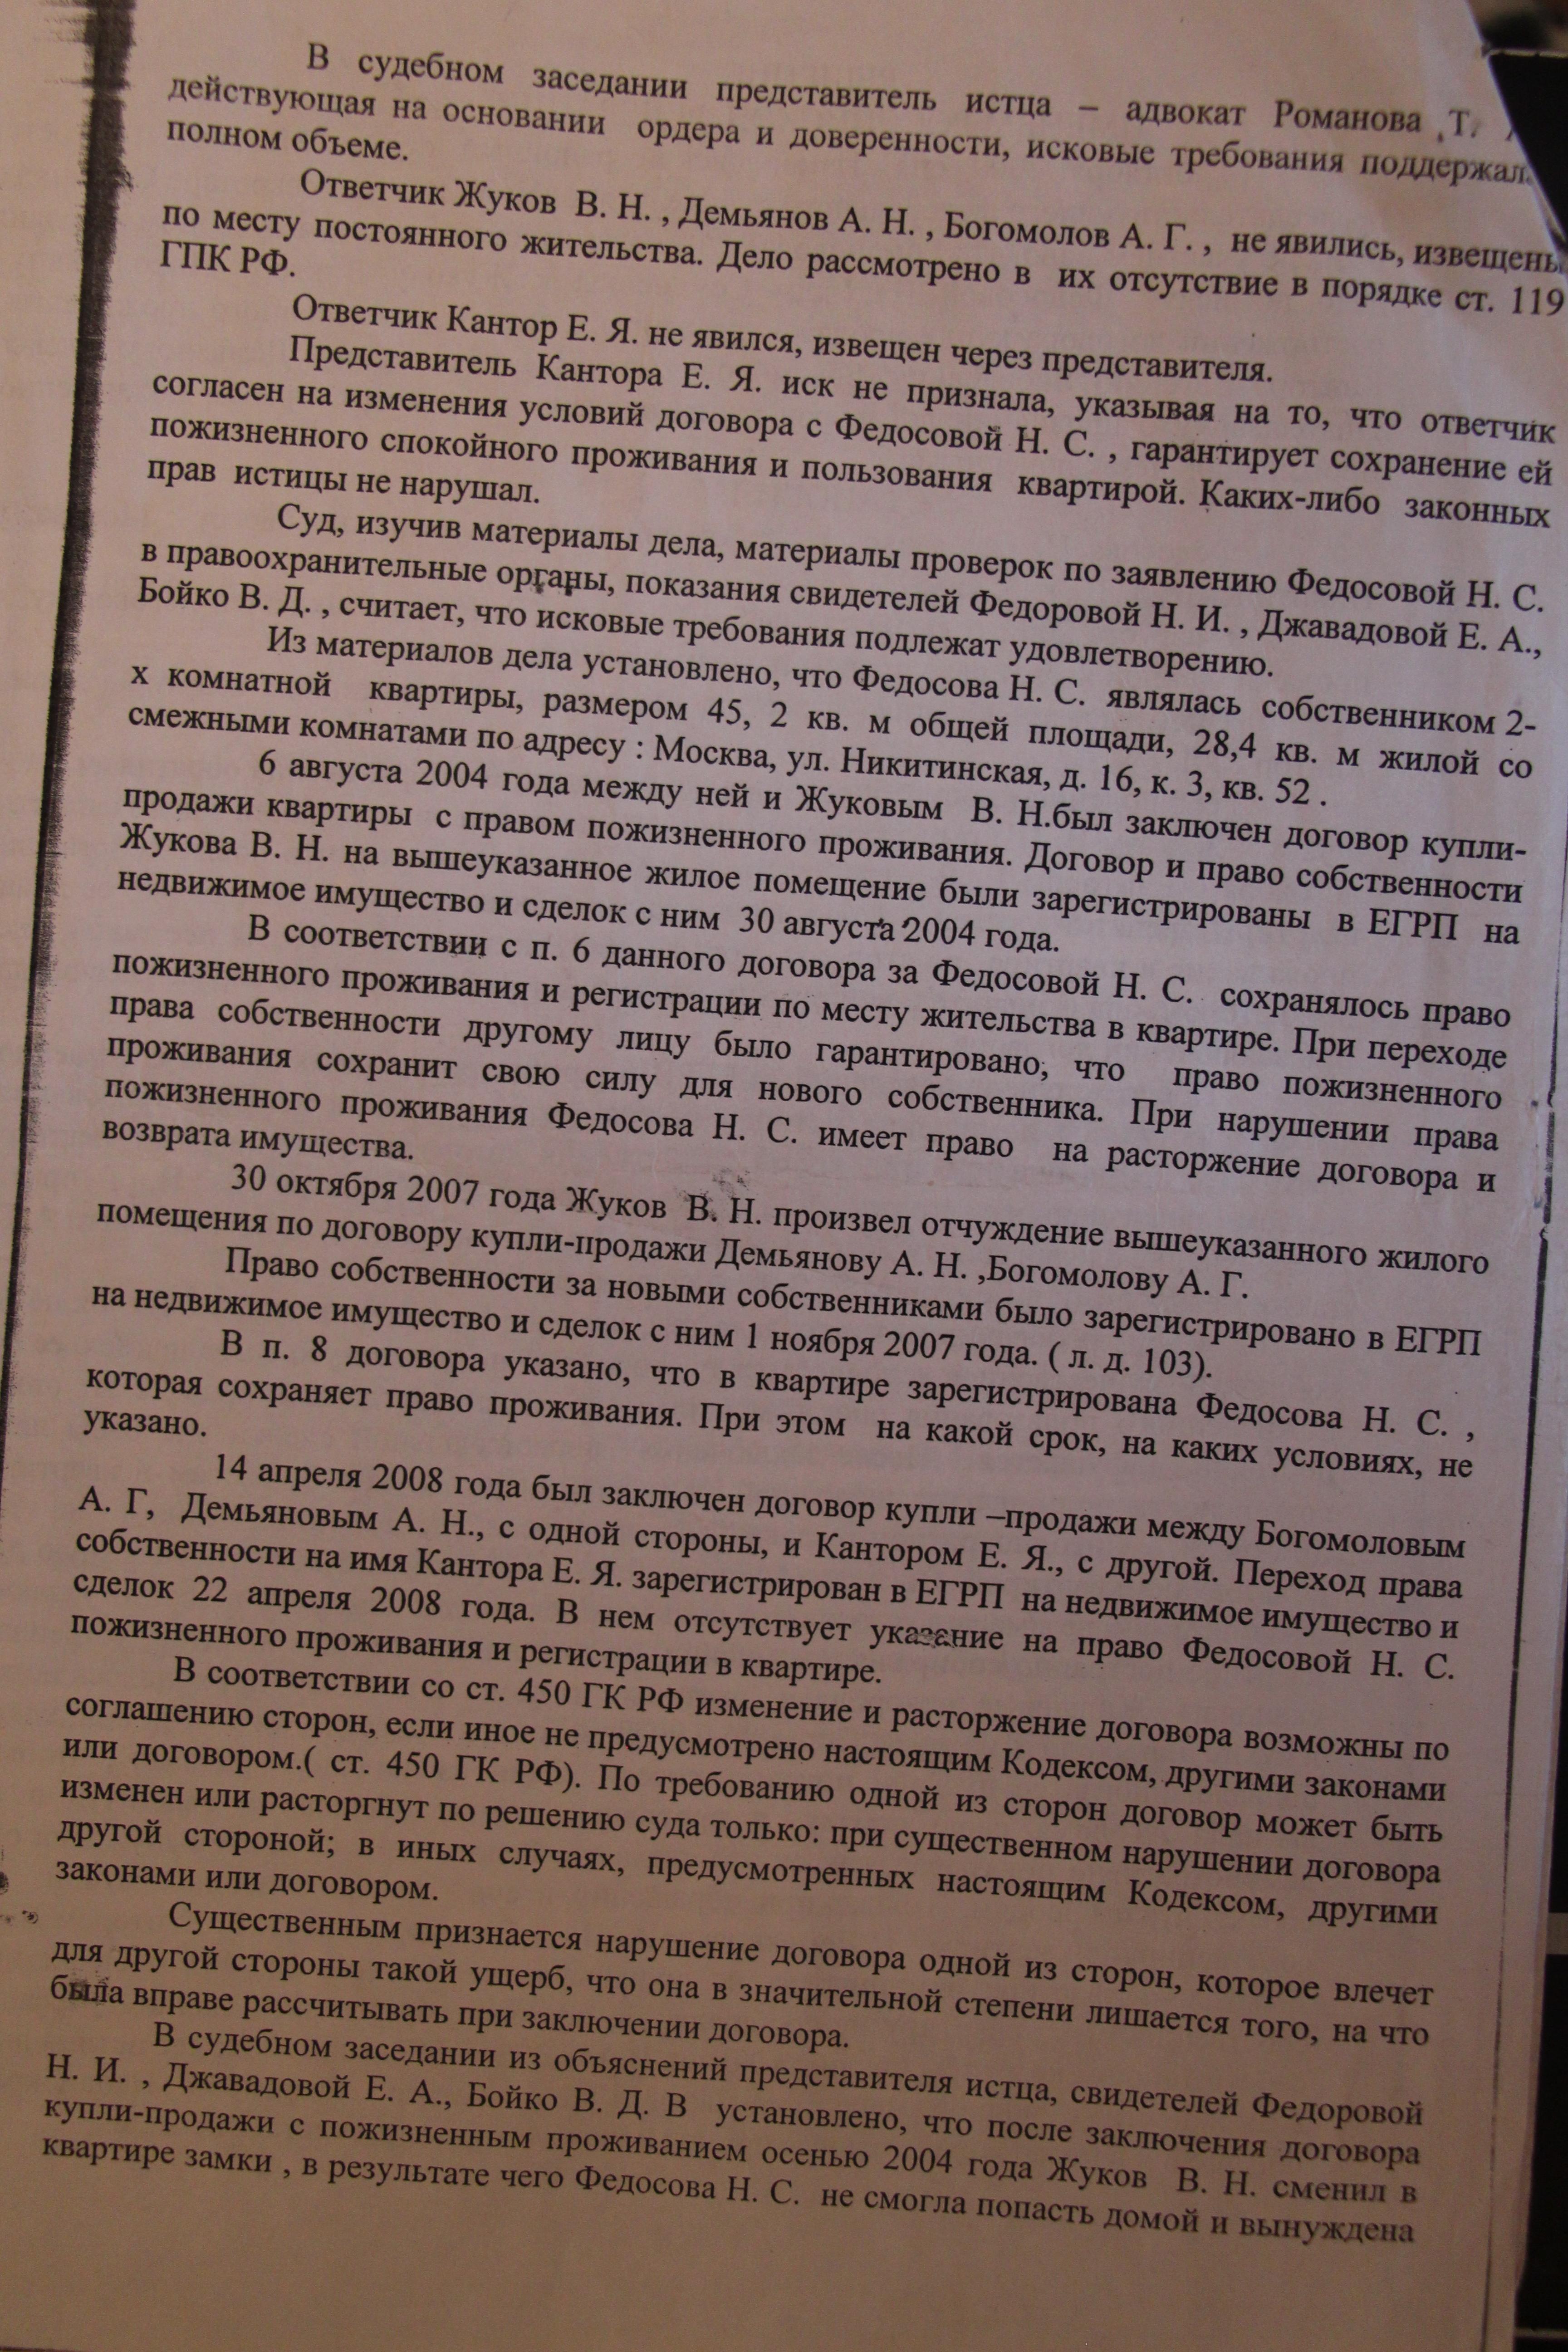 http://s8.uploads.ru/iNMvP.jpg